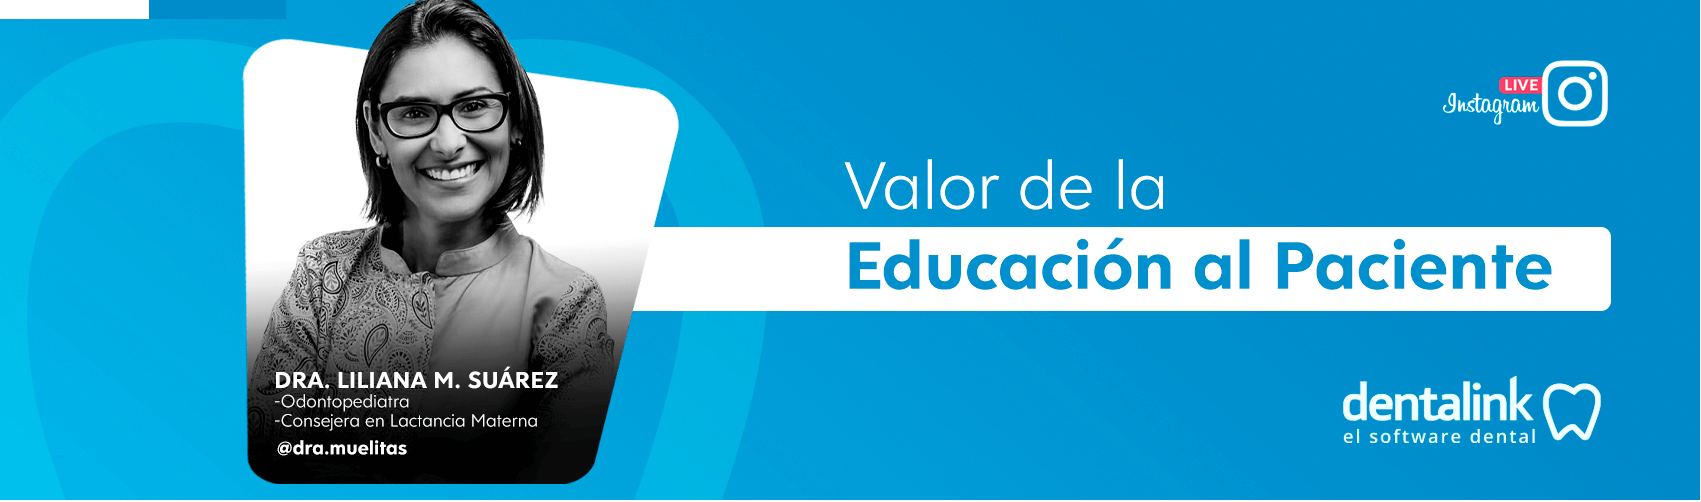 Instagram Live: El Valor de la Educación al Paciente